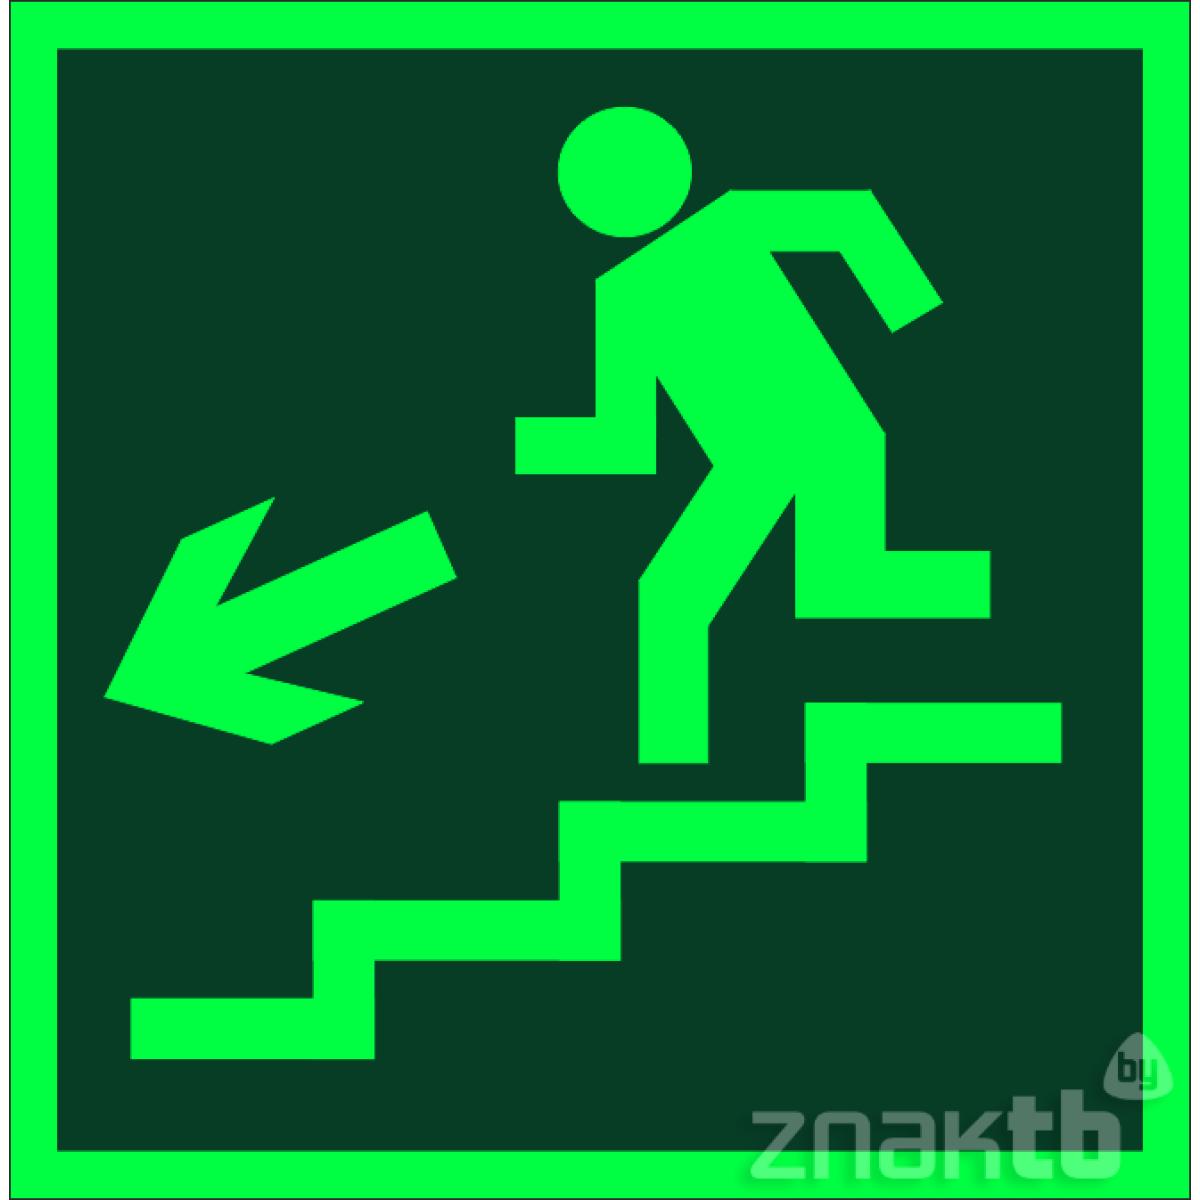 Знак Направление к эвакуационному выходу (по лестнице налево вниз)